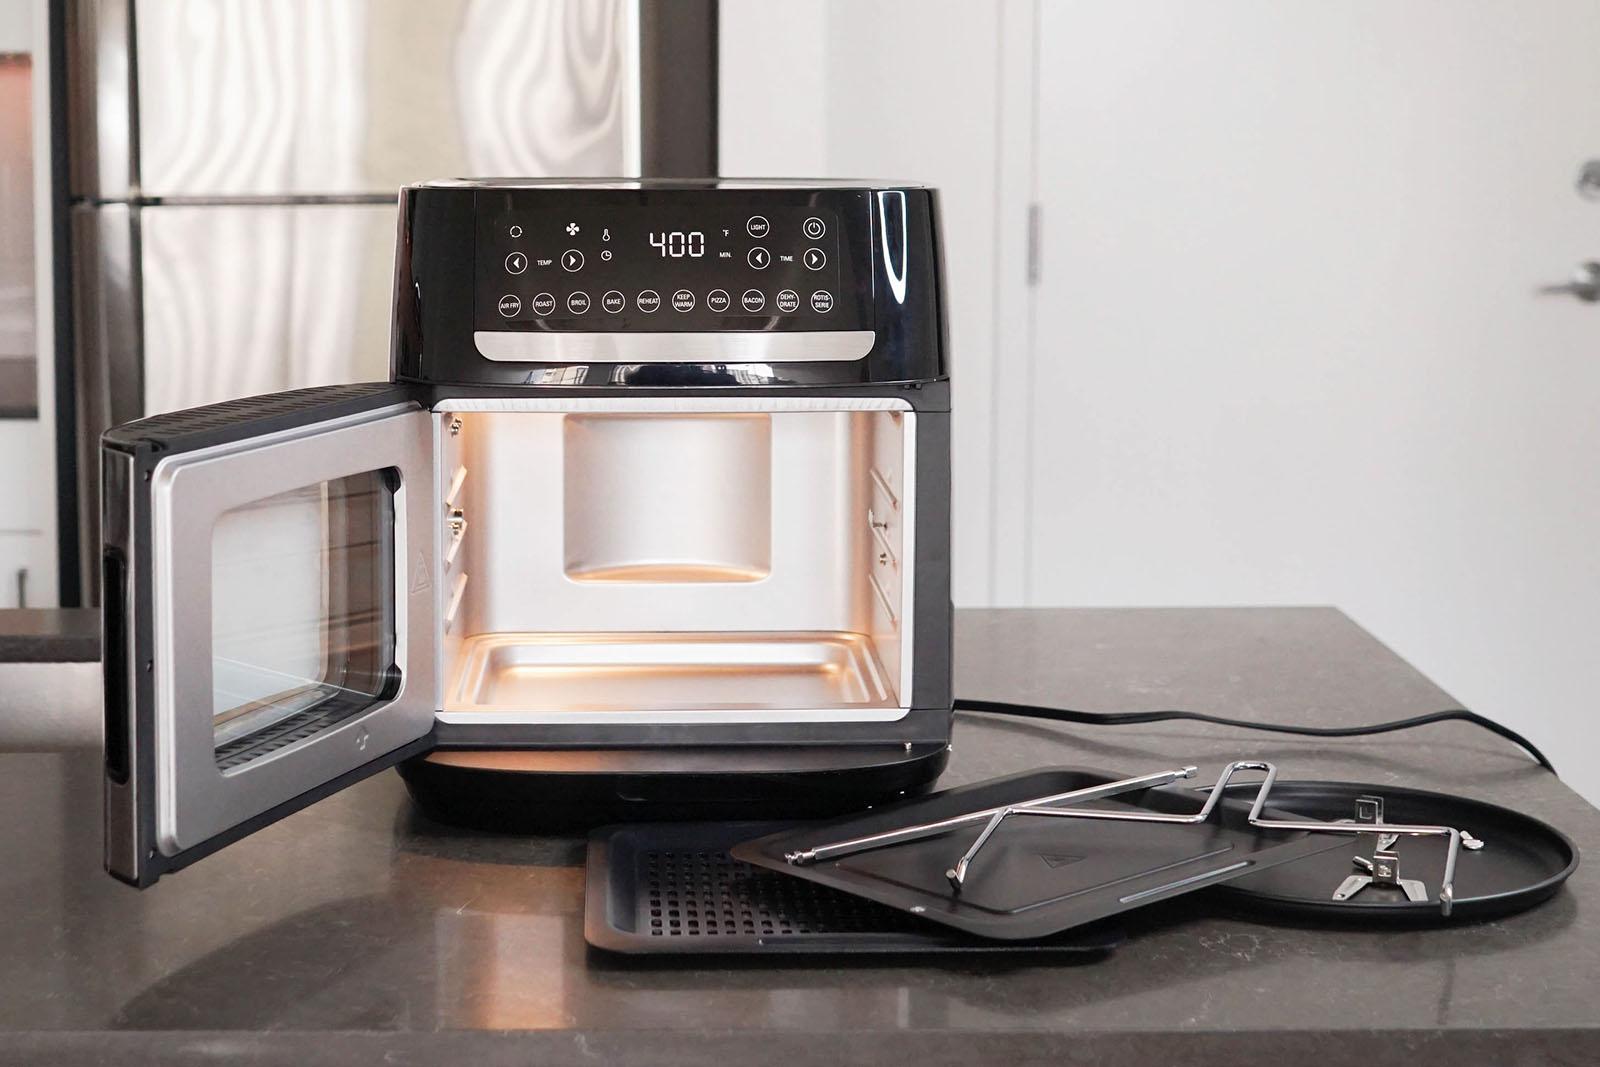 Bella Pro Manual air fryer pizza oven with door open